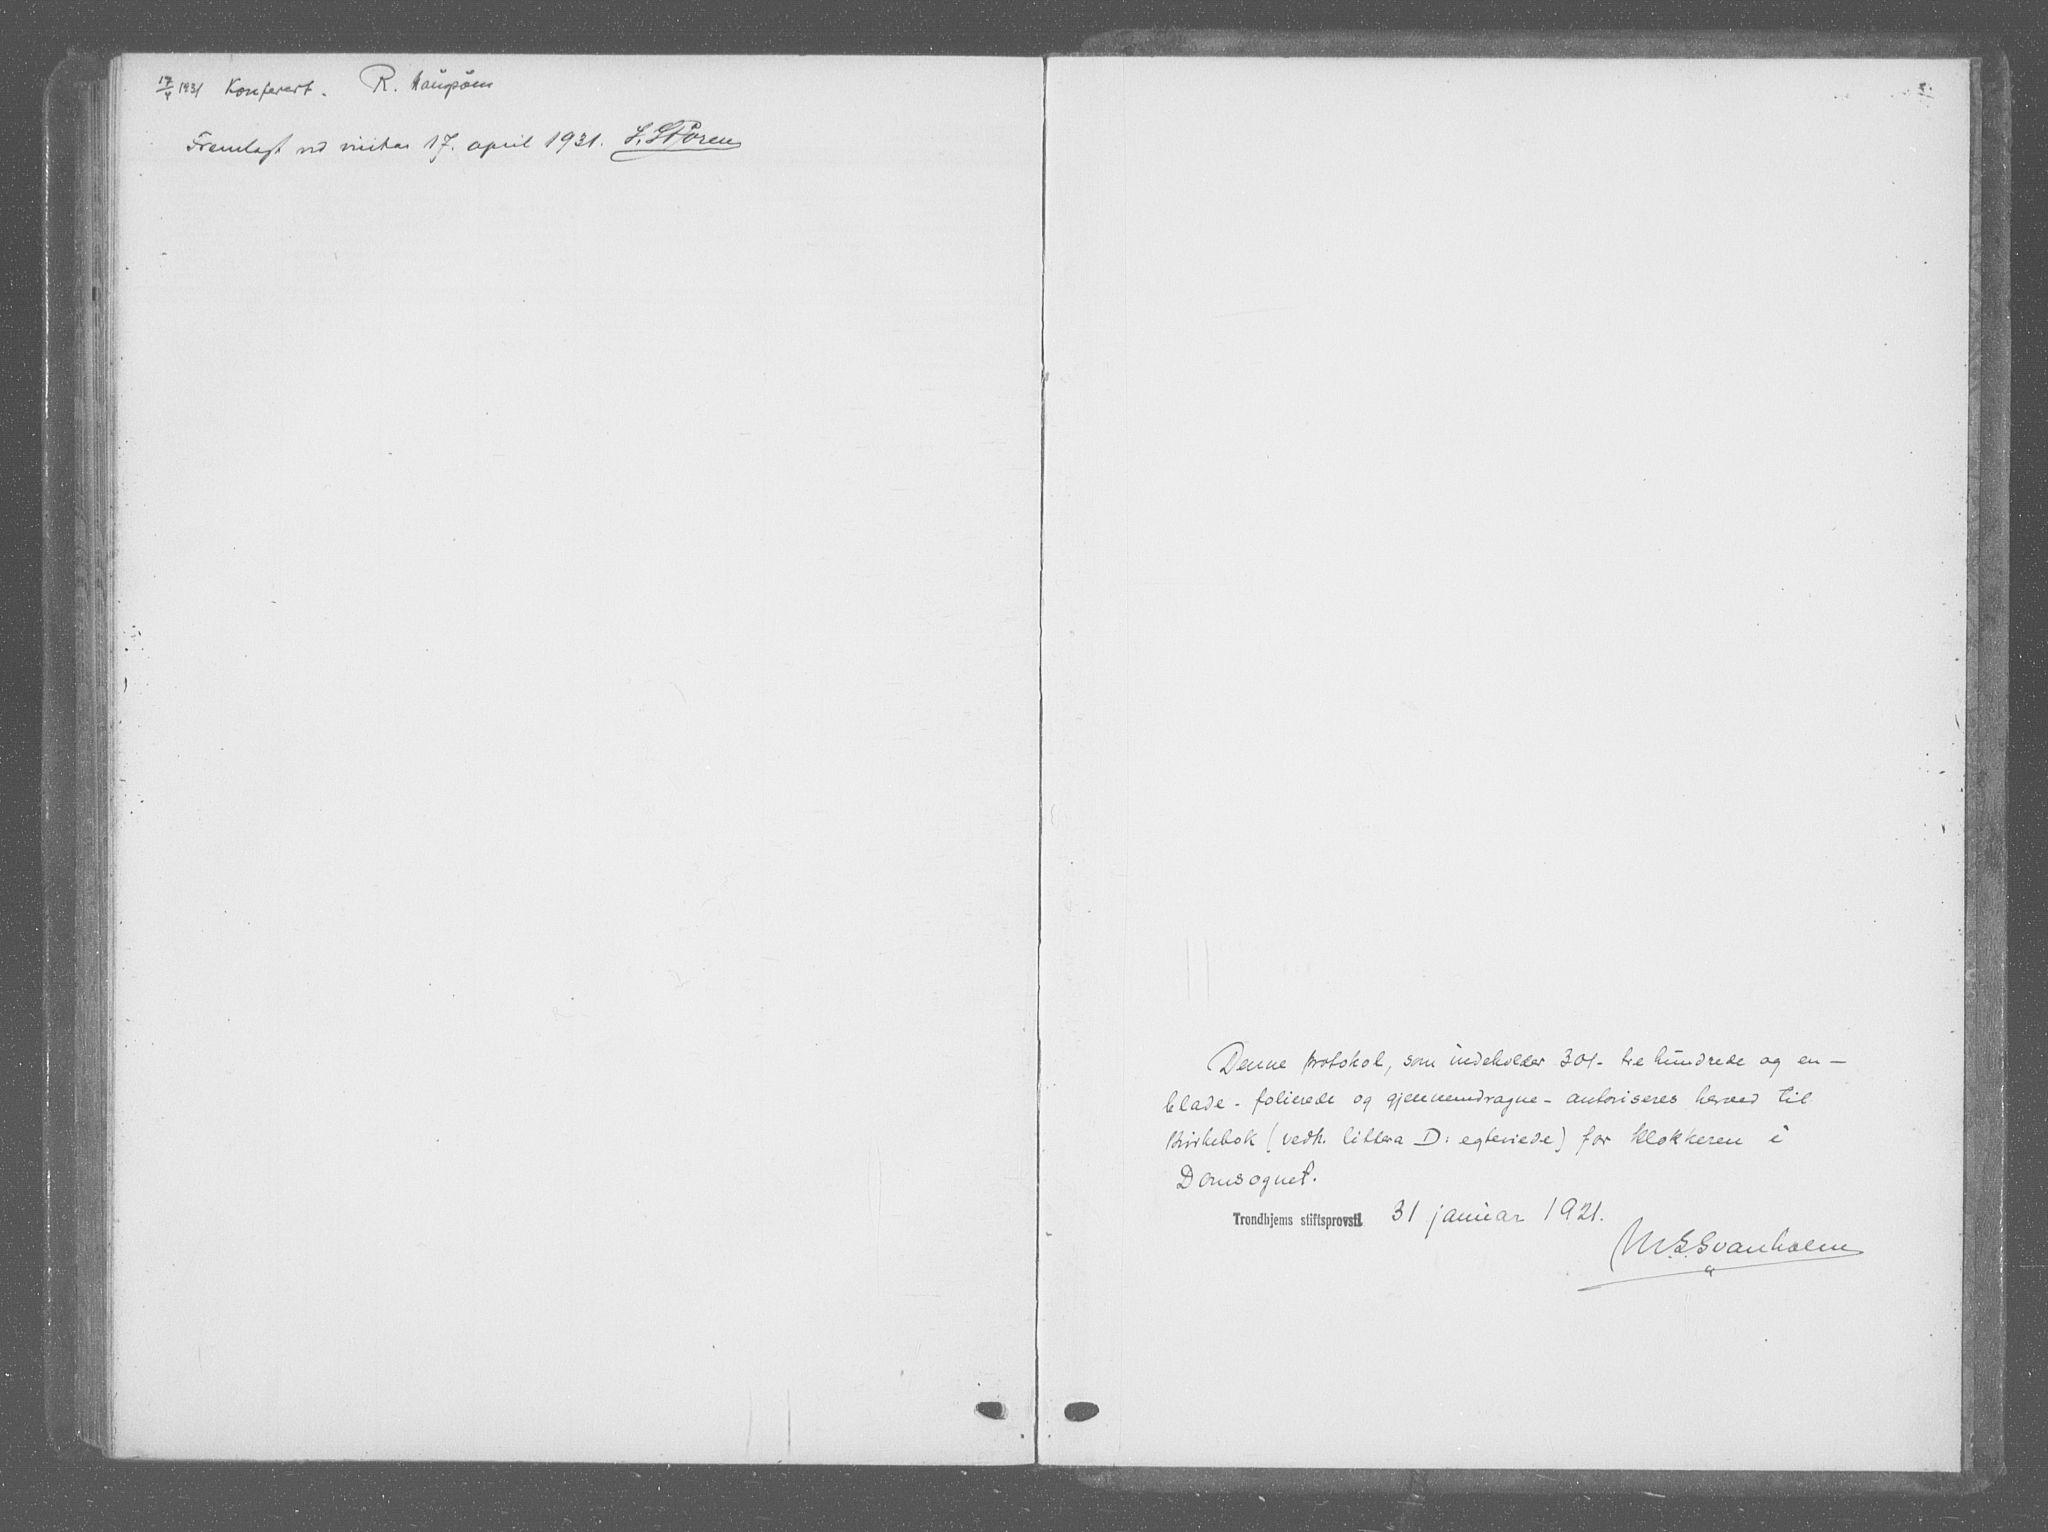 SAT, Ministerialprotokoller, klokkerbøker og fødselsregistre - Sør-Trøndelag, 601/L0098: Klokkerbok nr. 601C16, 1921-1934